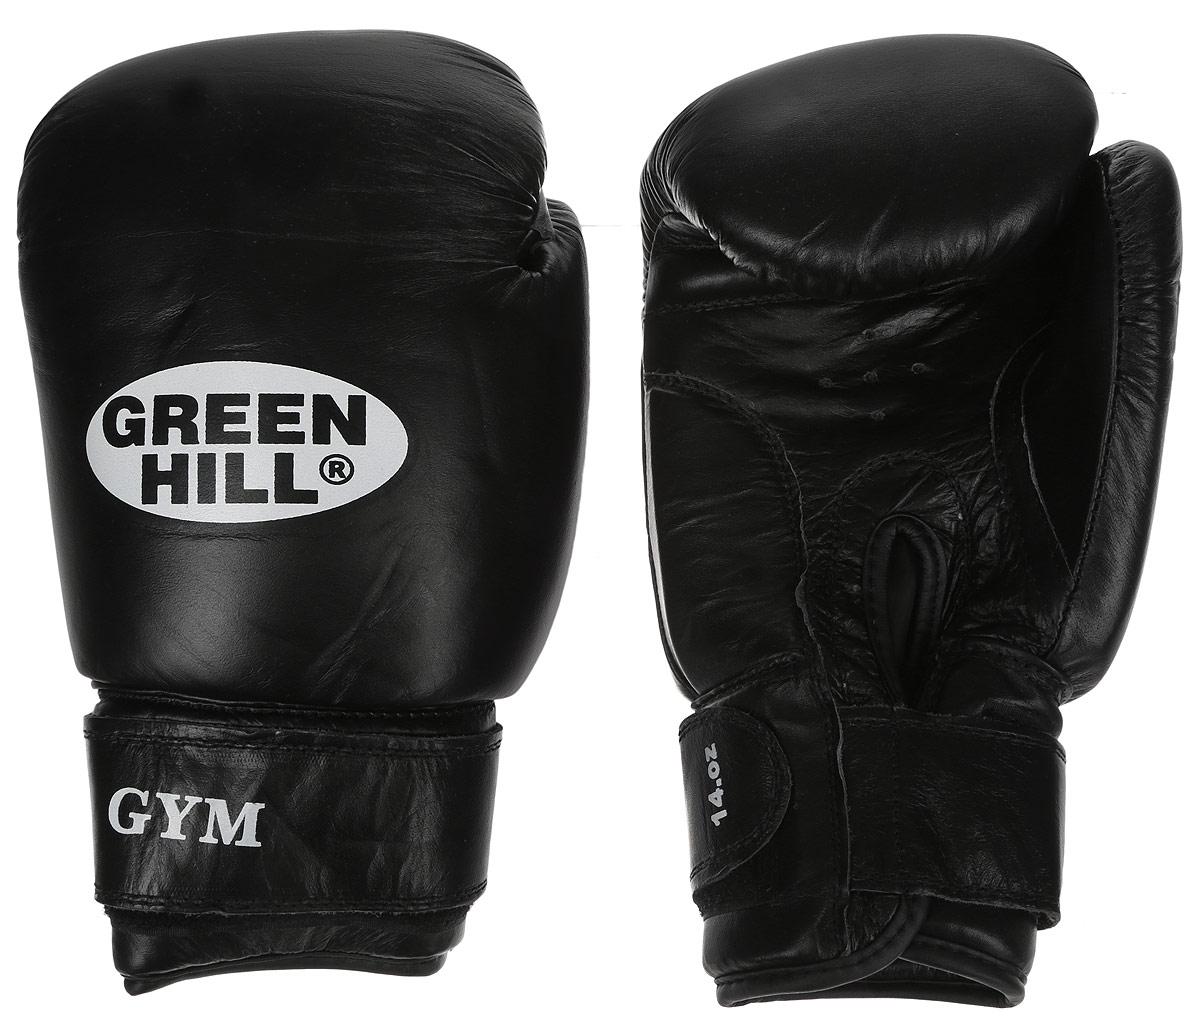 Перчатки боксерские Green Hill Gym, цвет: черный, белый. Вес 14 унцийAP02013Боксерские перчатки Green Hill Gym подходят для всех видов единоборств где применяют перчатки. Подойдет как для бокса, так и для кикбоксинга. Новички и профессионалы высоко ценят эту модель за универсальность. Верхняя часть перчатки выполнена из натуральной кожи, наполнитель - пенополиуретан. Перфорированная поверхность в области ладони позволяет создать максимально комфортный терморежим во время занятий. Закрепляется на руке при помощи липучки.